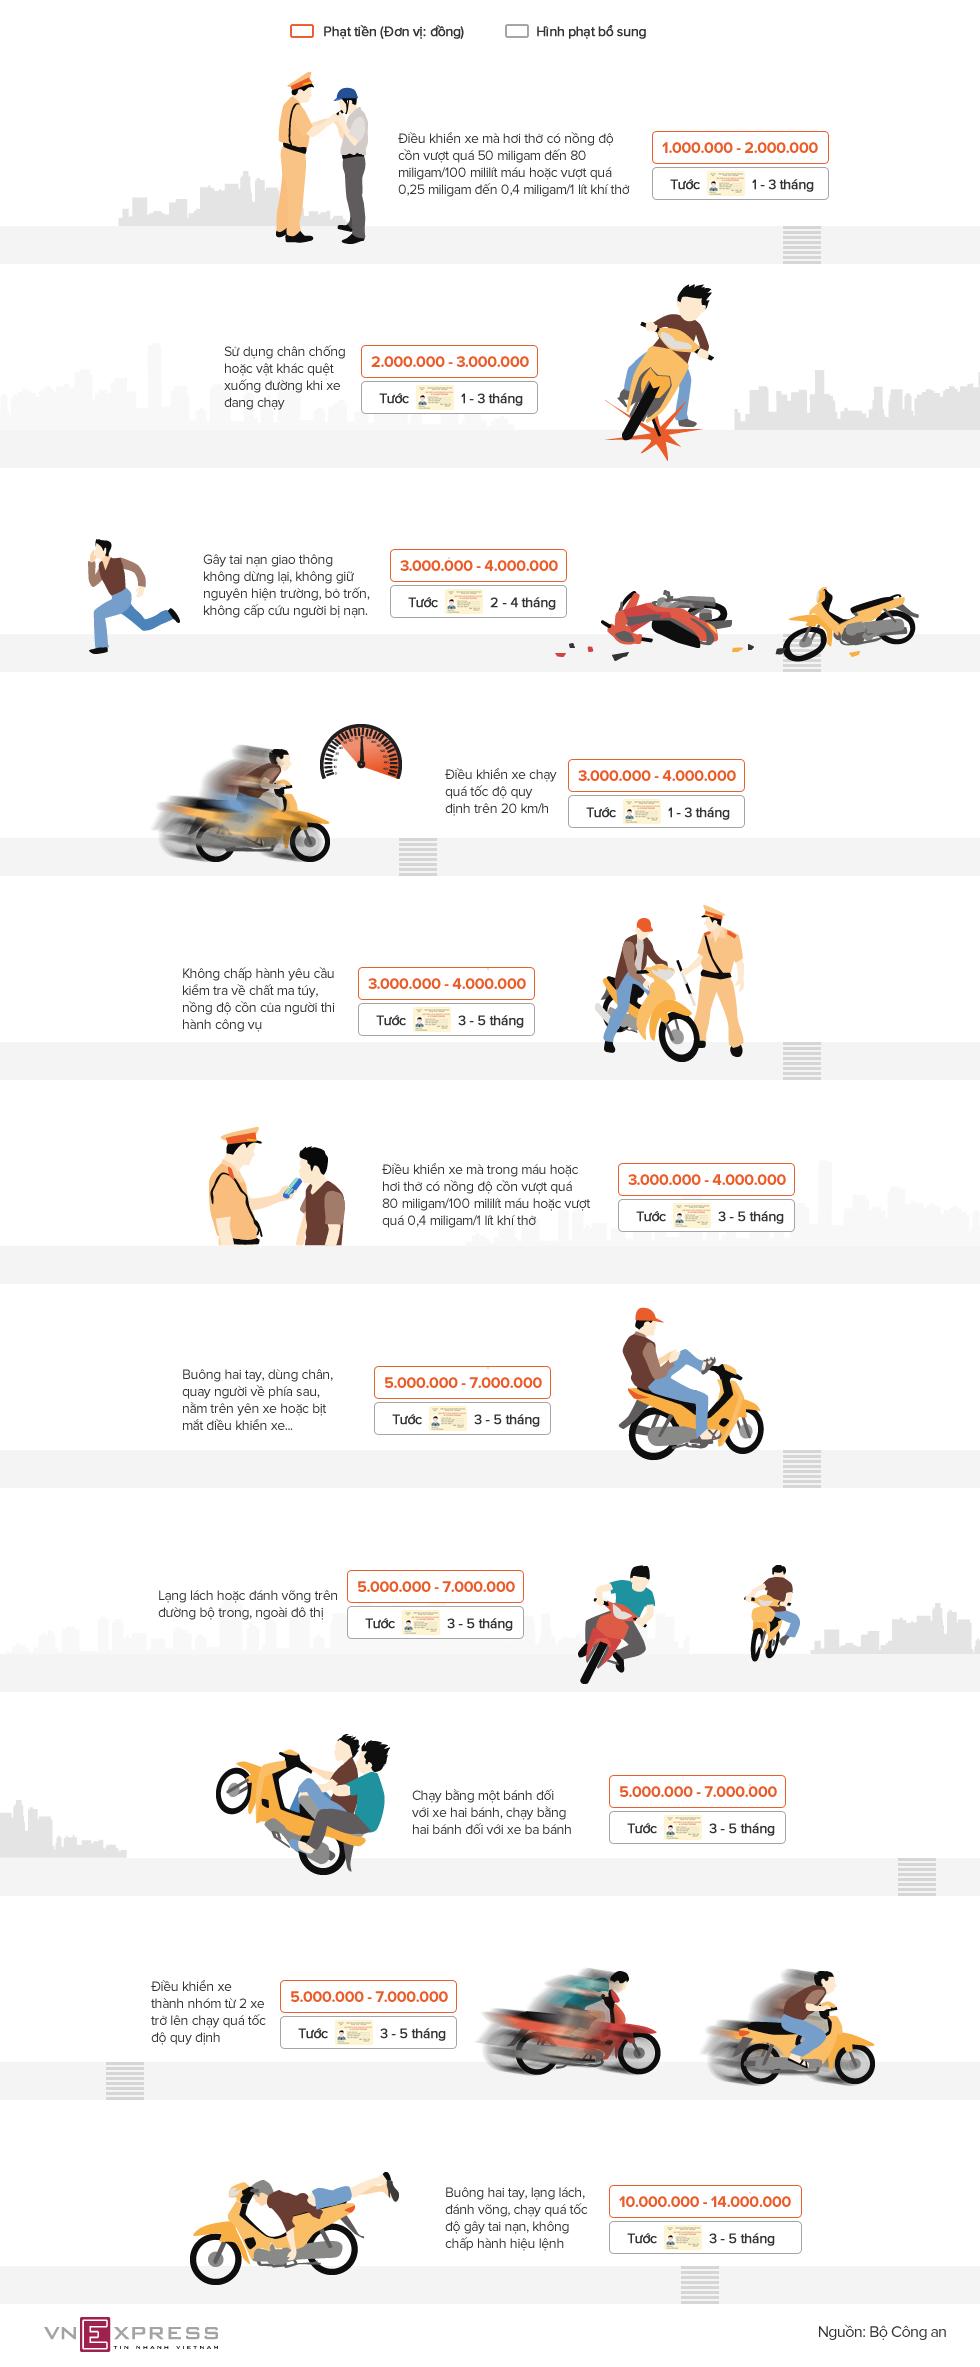 Những mức phạt nặng với xe máy sắp áp dụng